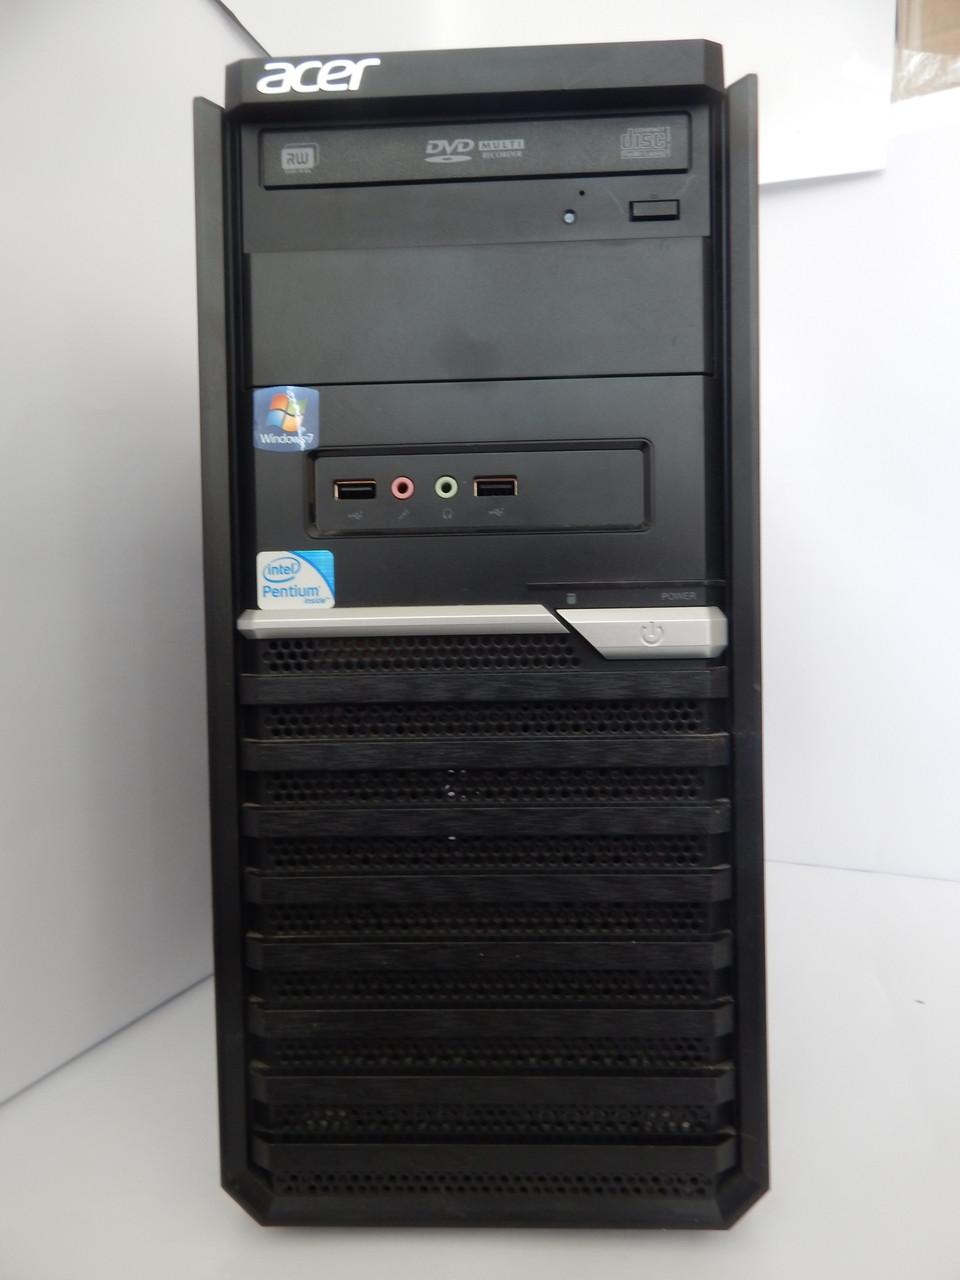 Системный блок Aser Veriton M290 проц. G630 RAM 4 ГБ